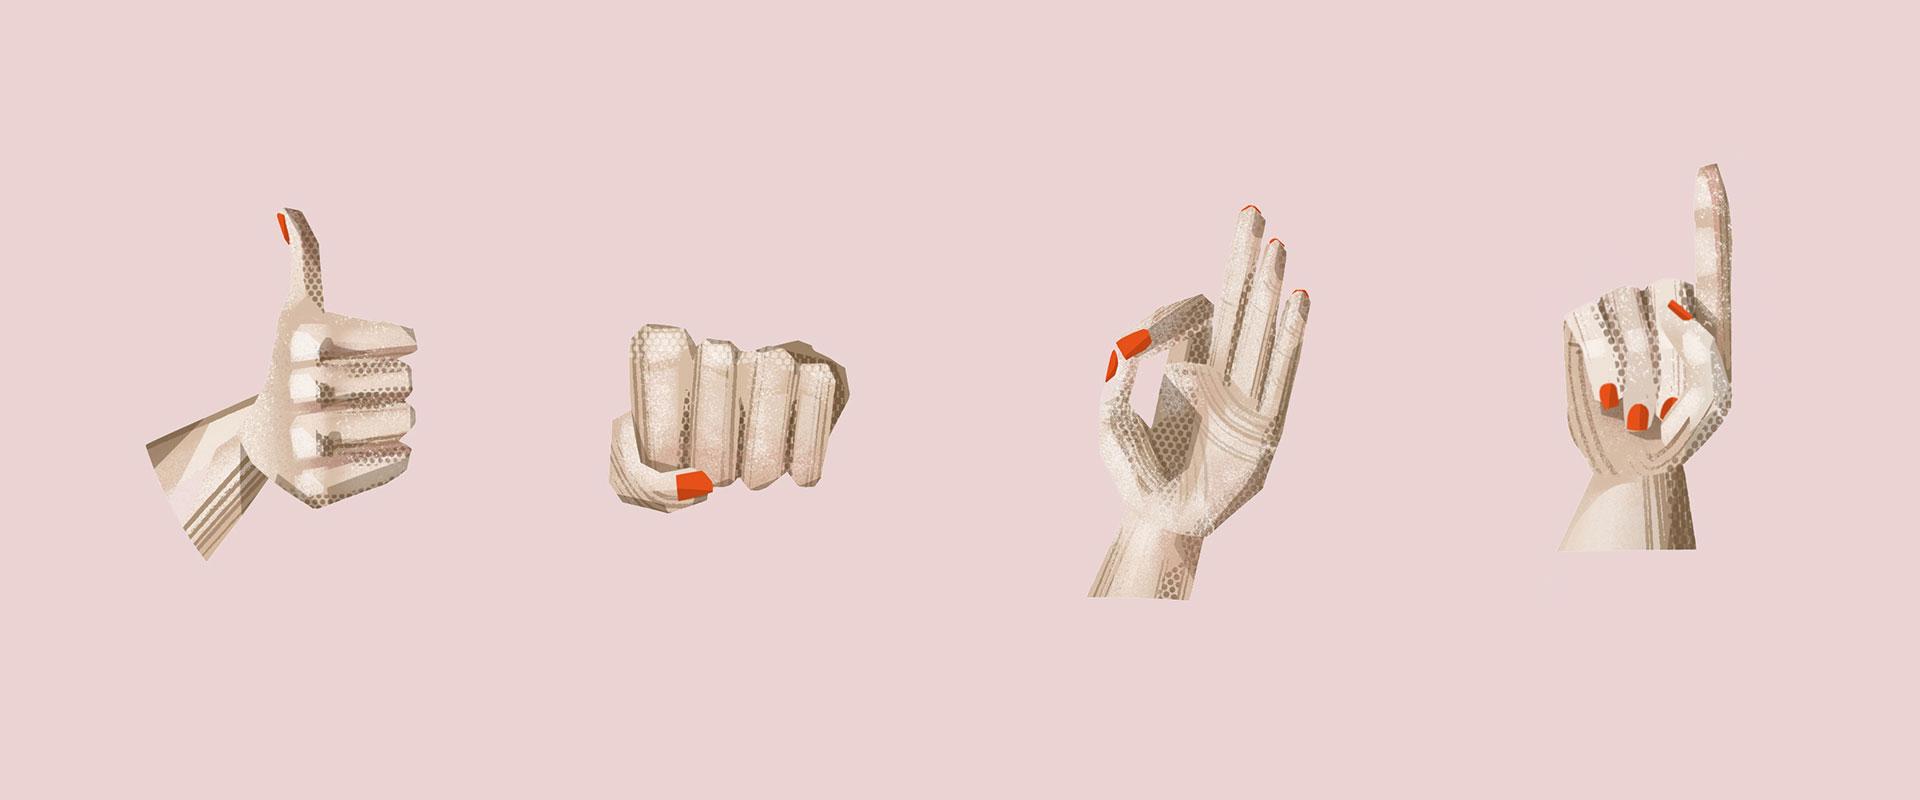 Illustration von vier verschiedene Handzeichen nebeneinander